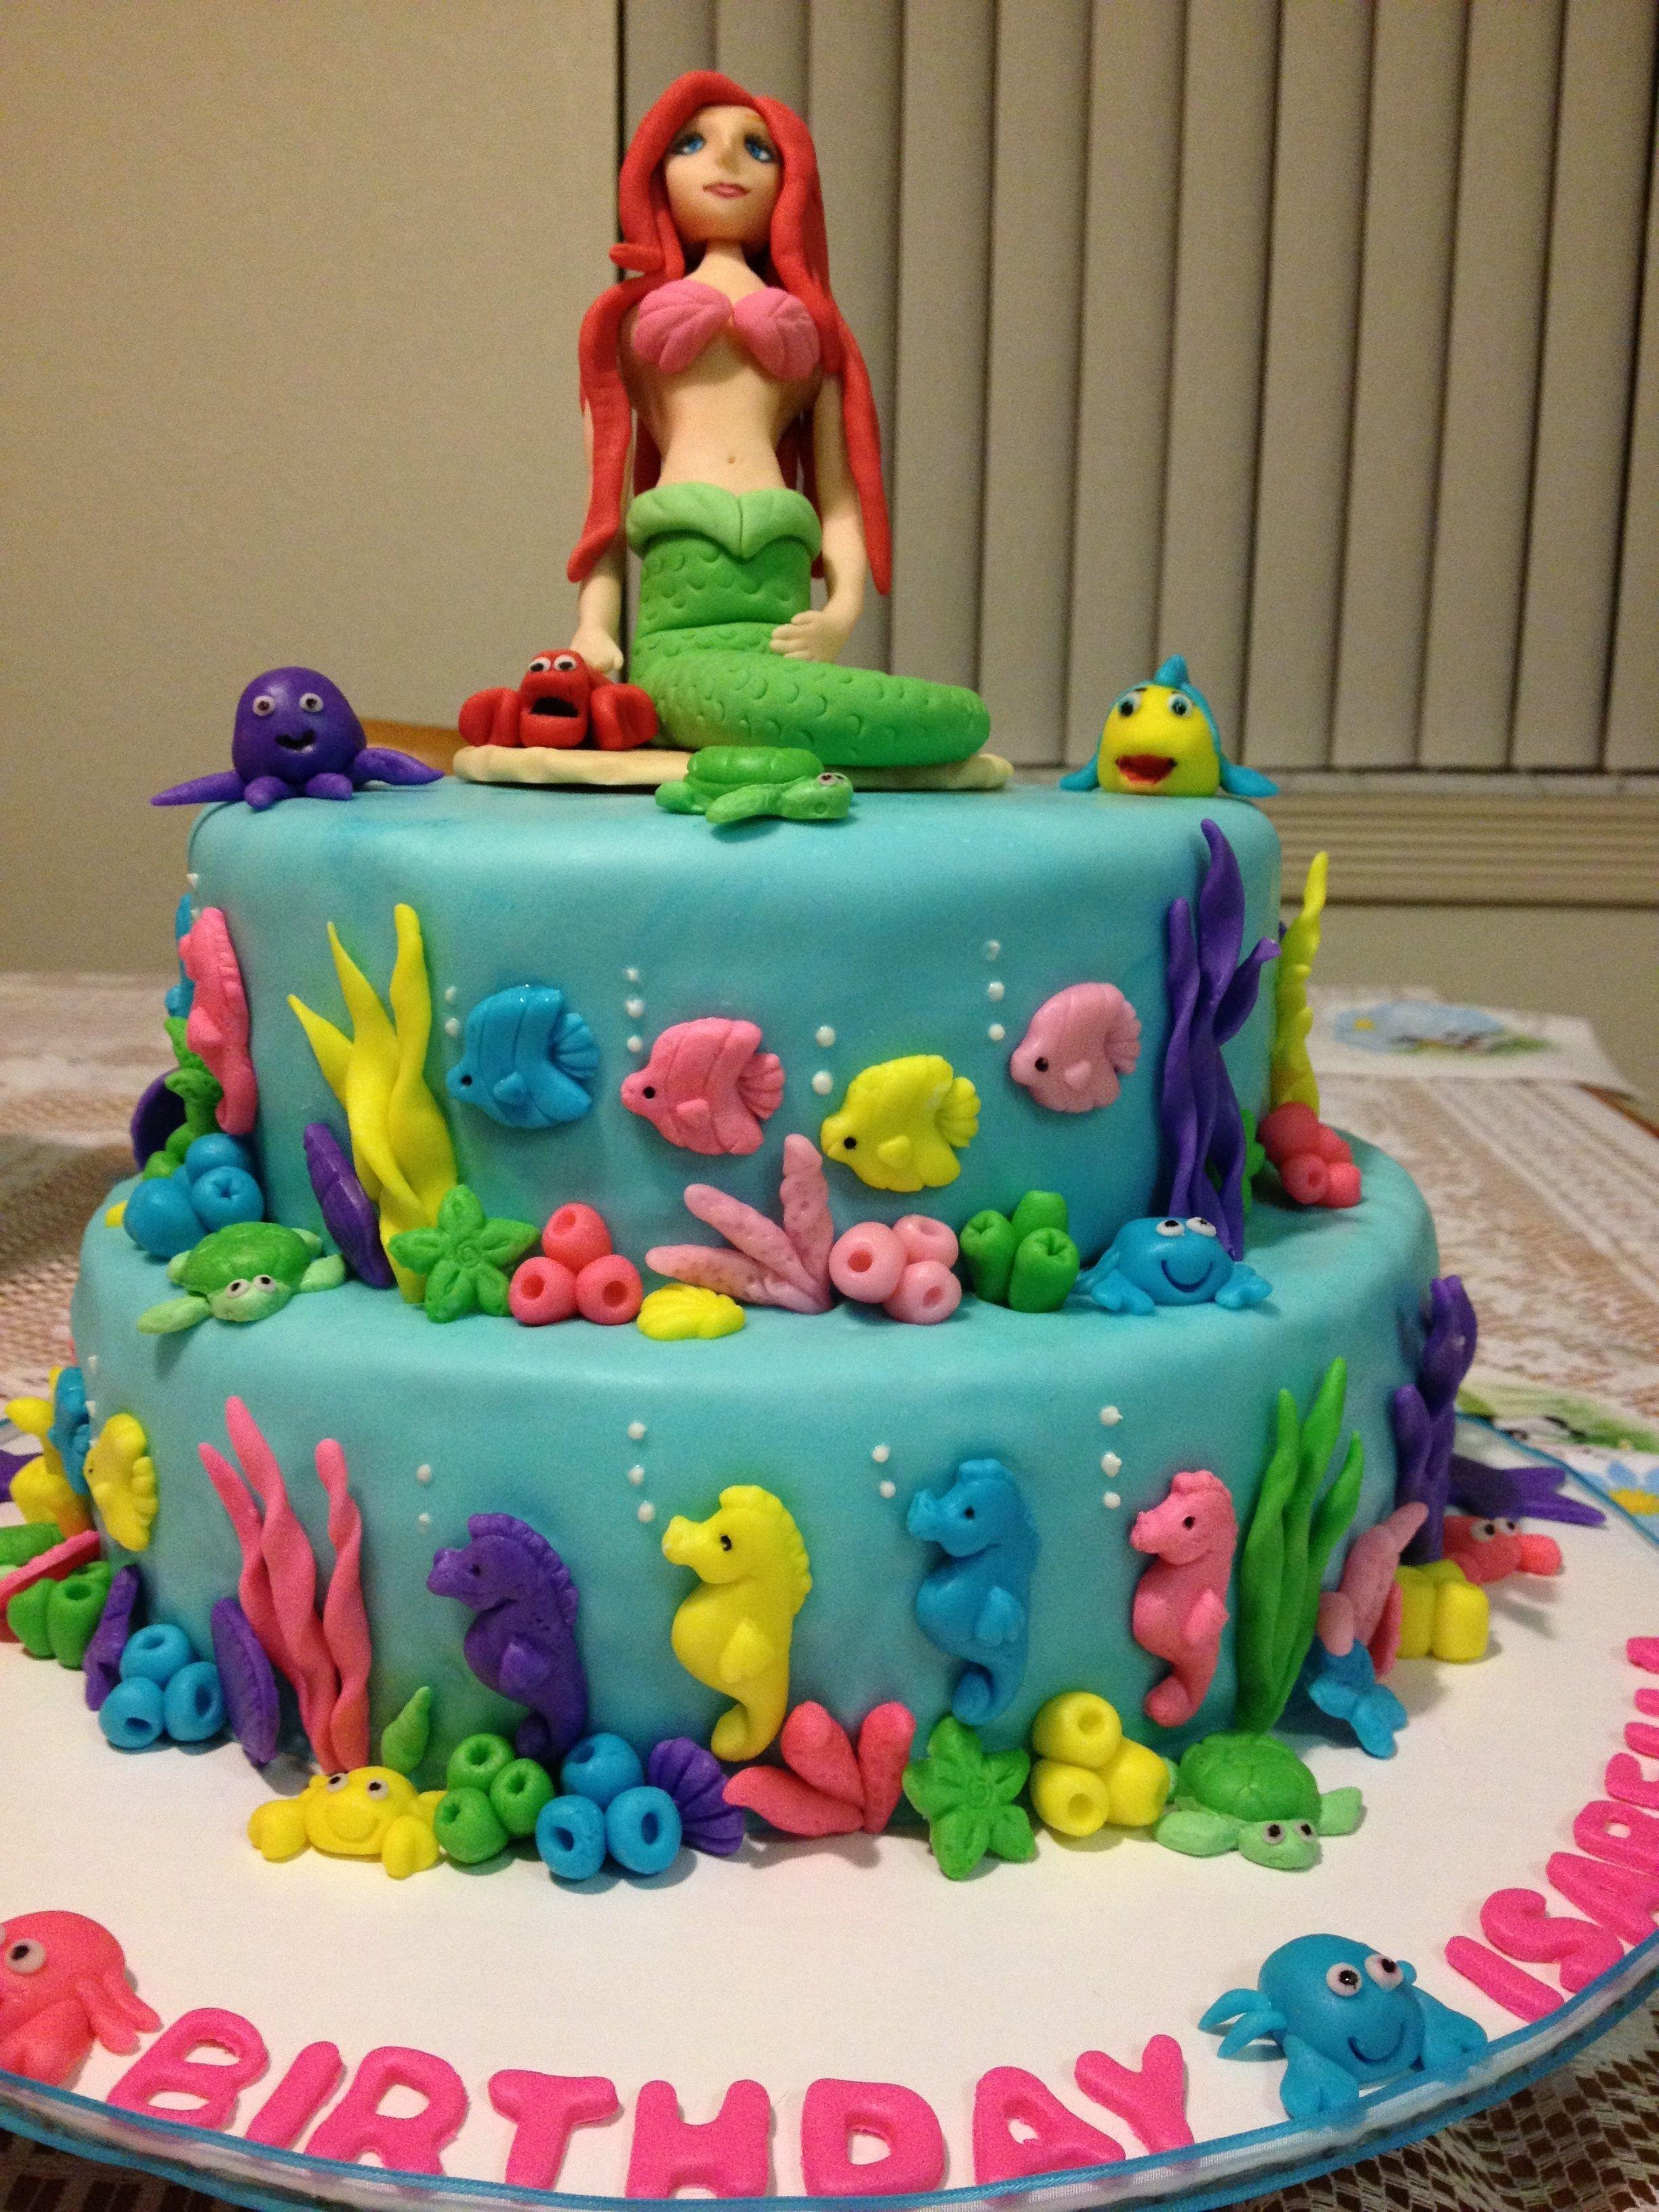 Edible Fondant Mermaid Cake Topper Tutorial